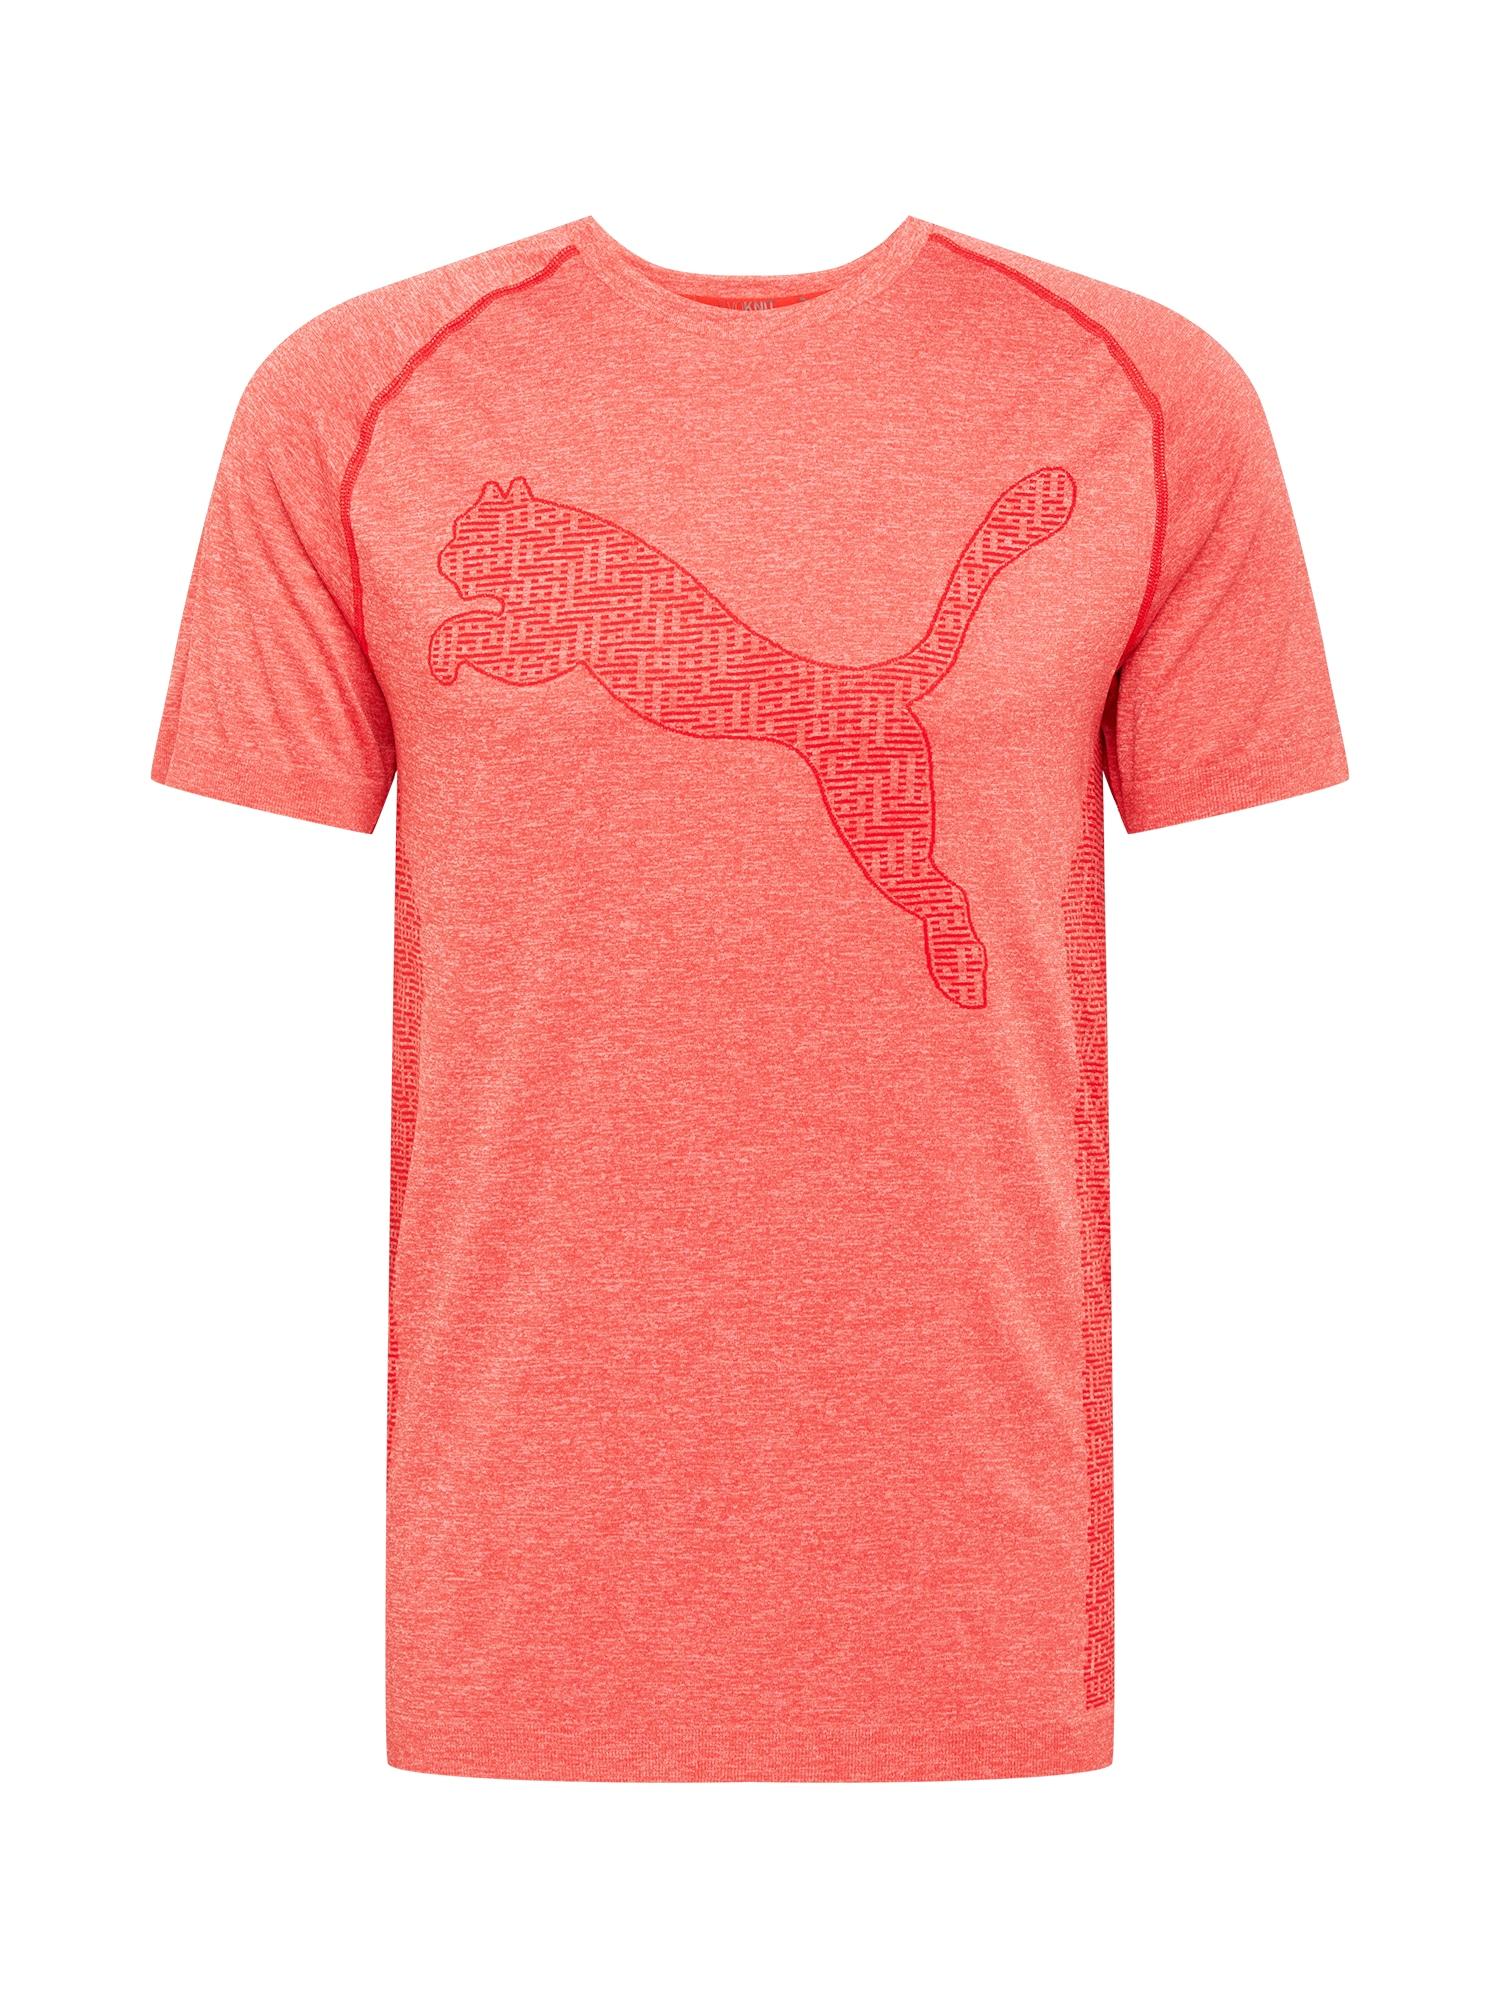 PUMA Sportiniai marškinėliai ryškiai raudona